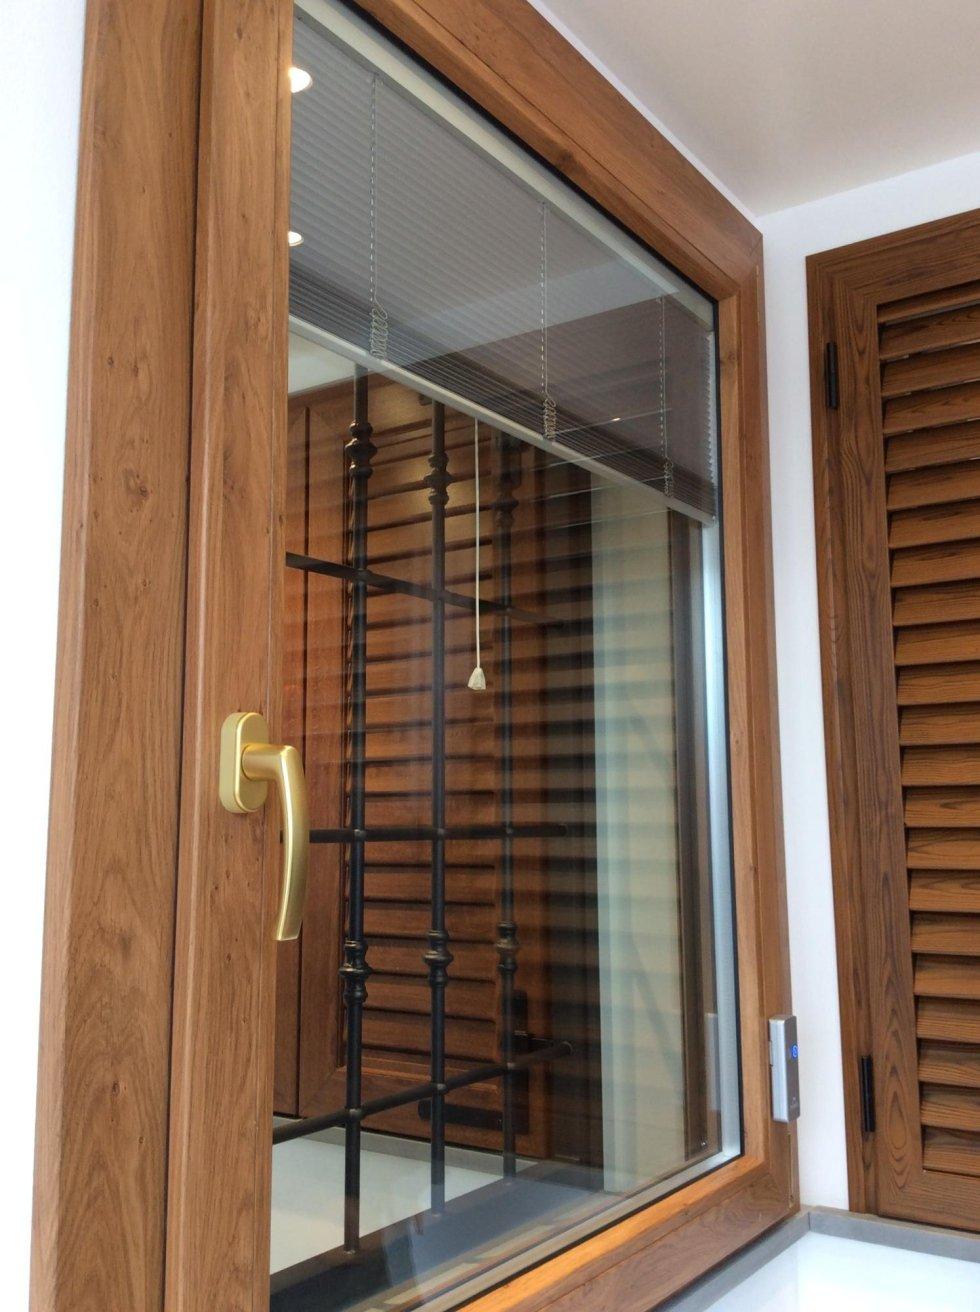 persiane e finestre san giuliano terme casa del serramento On finestre e persiane